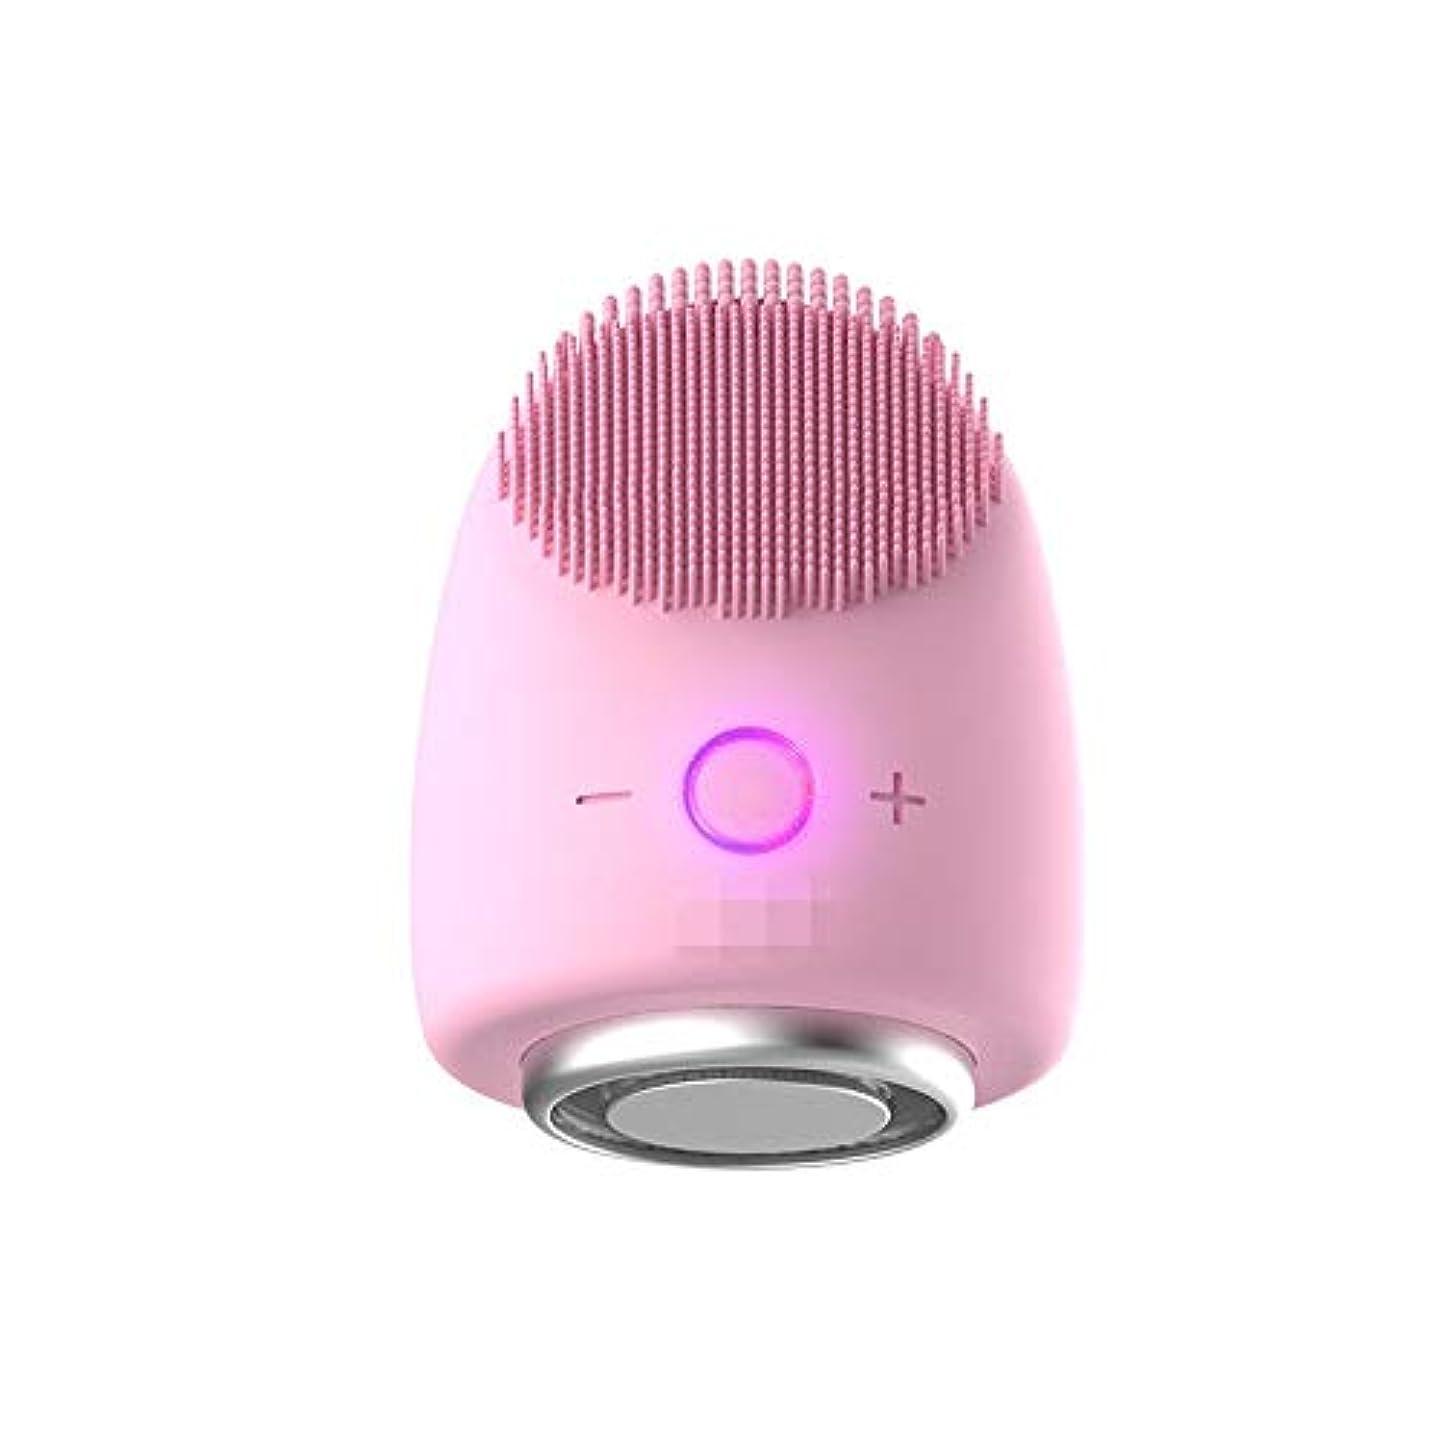 ネコベジタリアンブラストLYgMV 多機能美容器具洗浄器具導入器具凝縮ホットドレッシング肌活性化器具 (Color : ピンク)